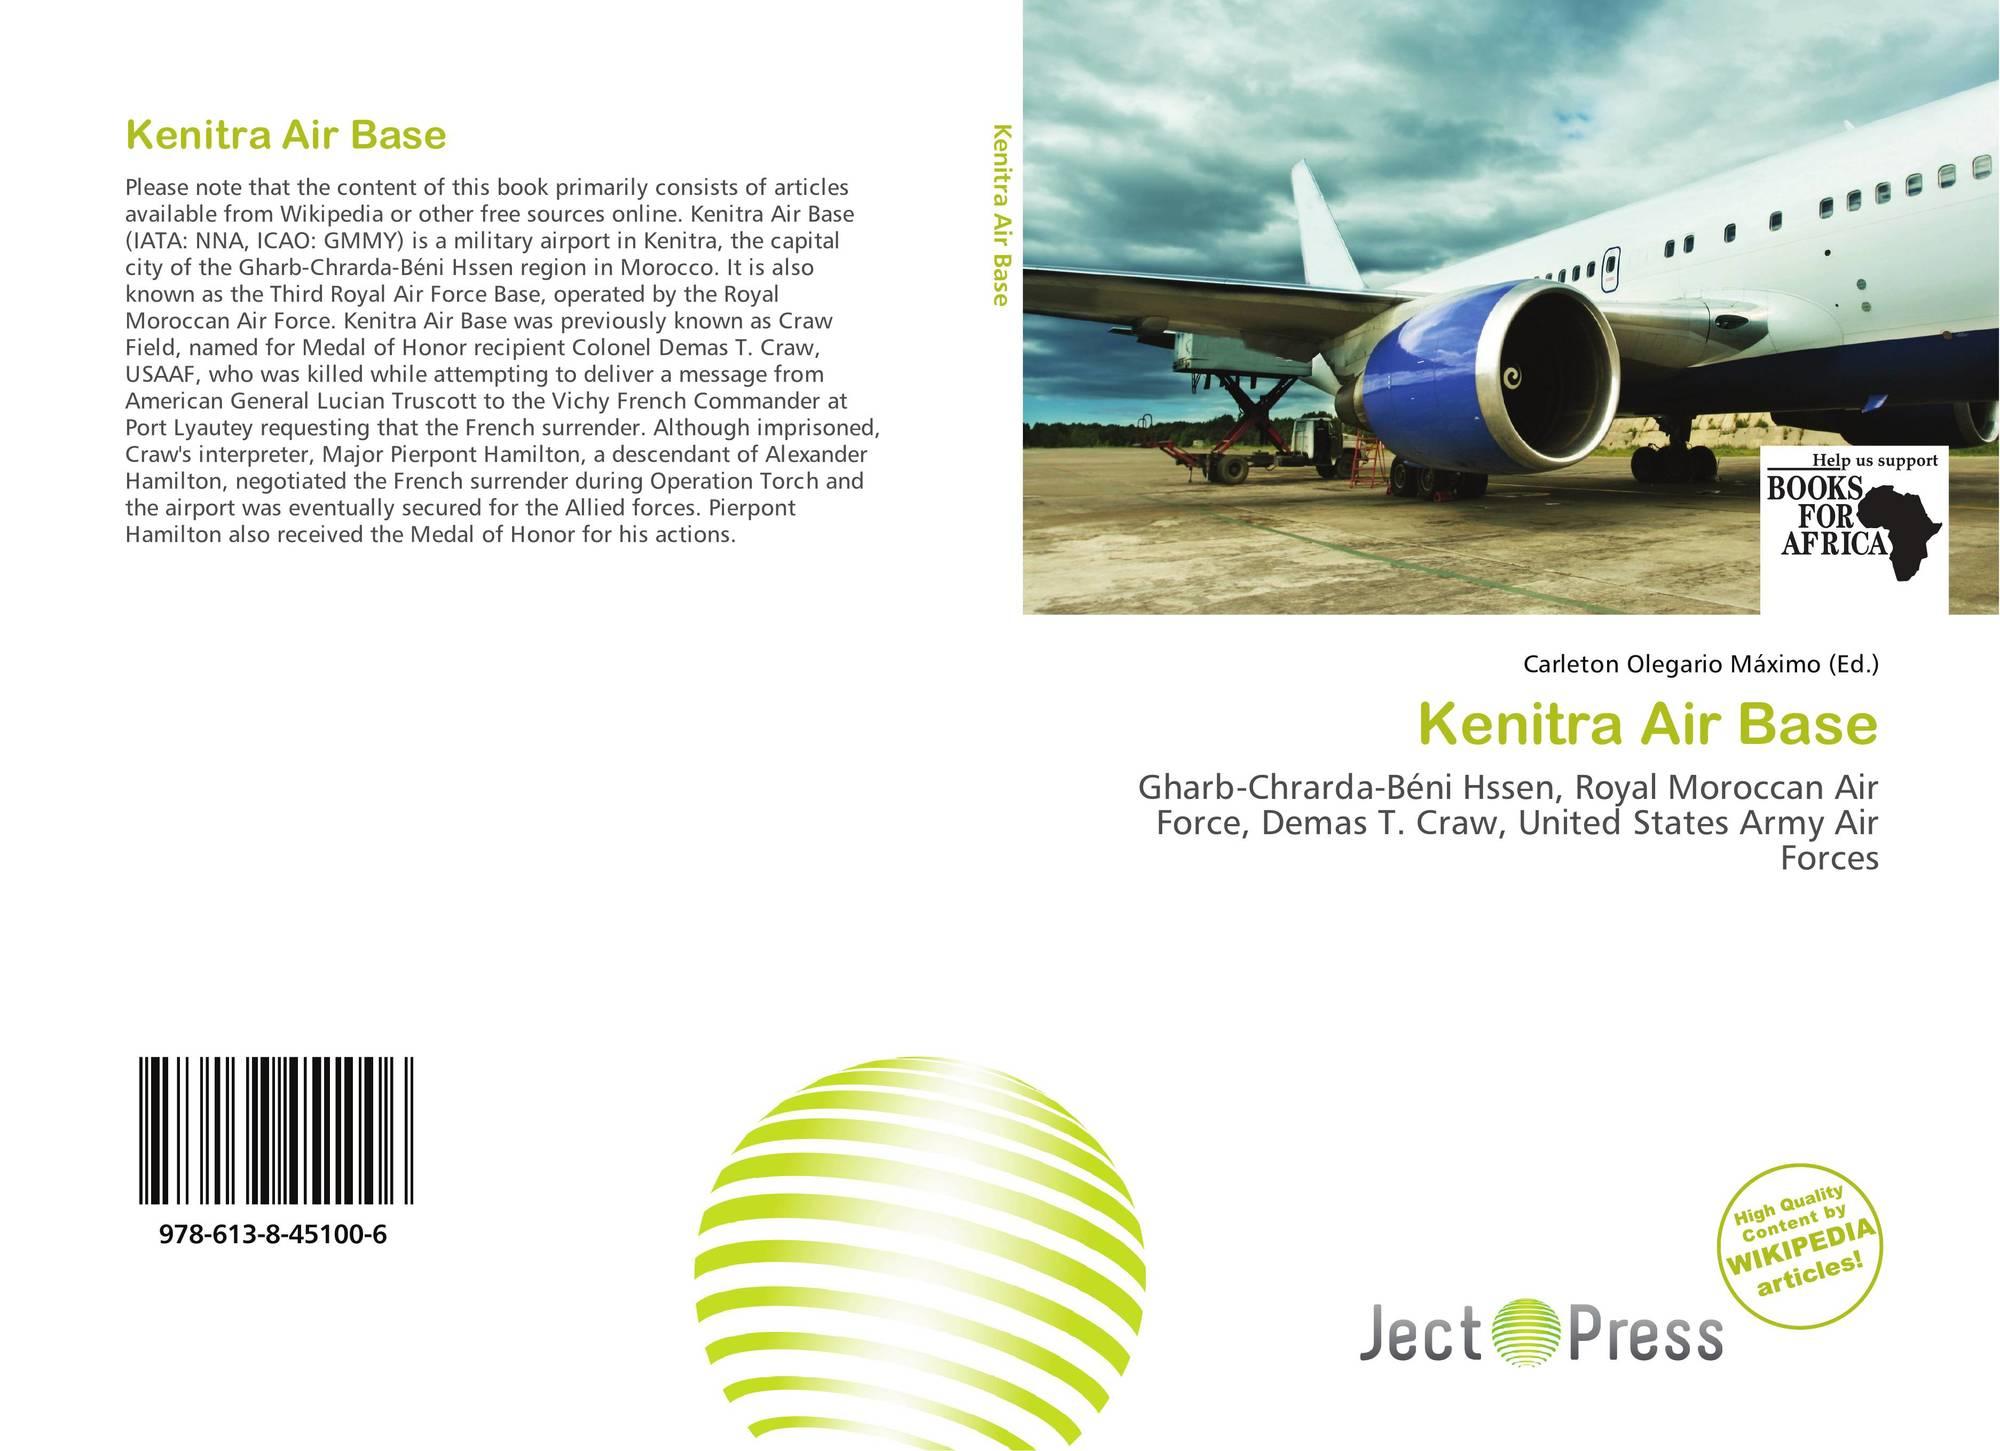 Kenitra Gharb Chrarda Beni Hssen Morocco kenitra air base, 978-613-8-45100-6, 6138451007 ,9786138451006